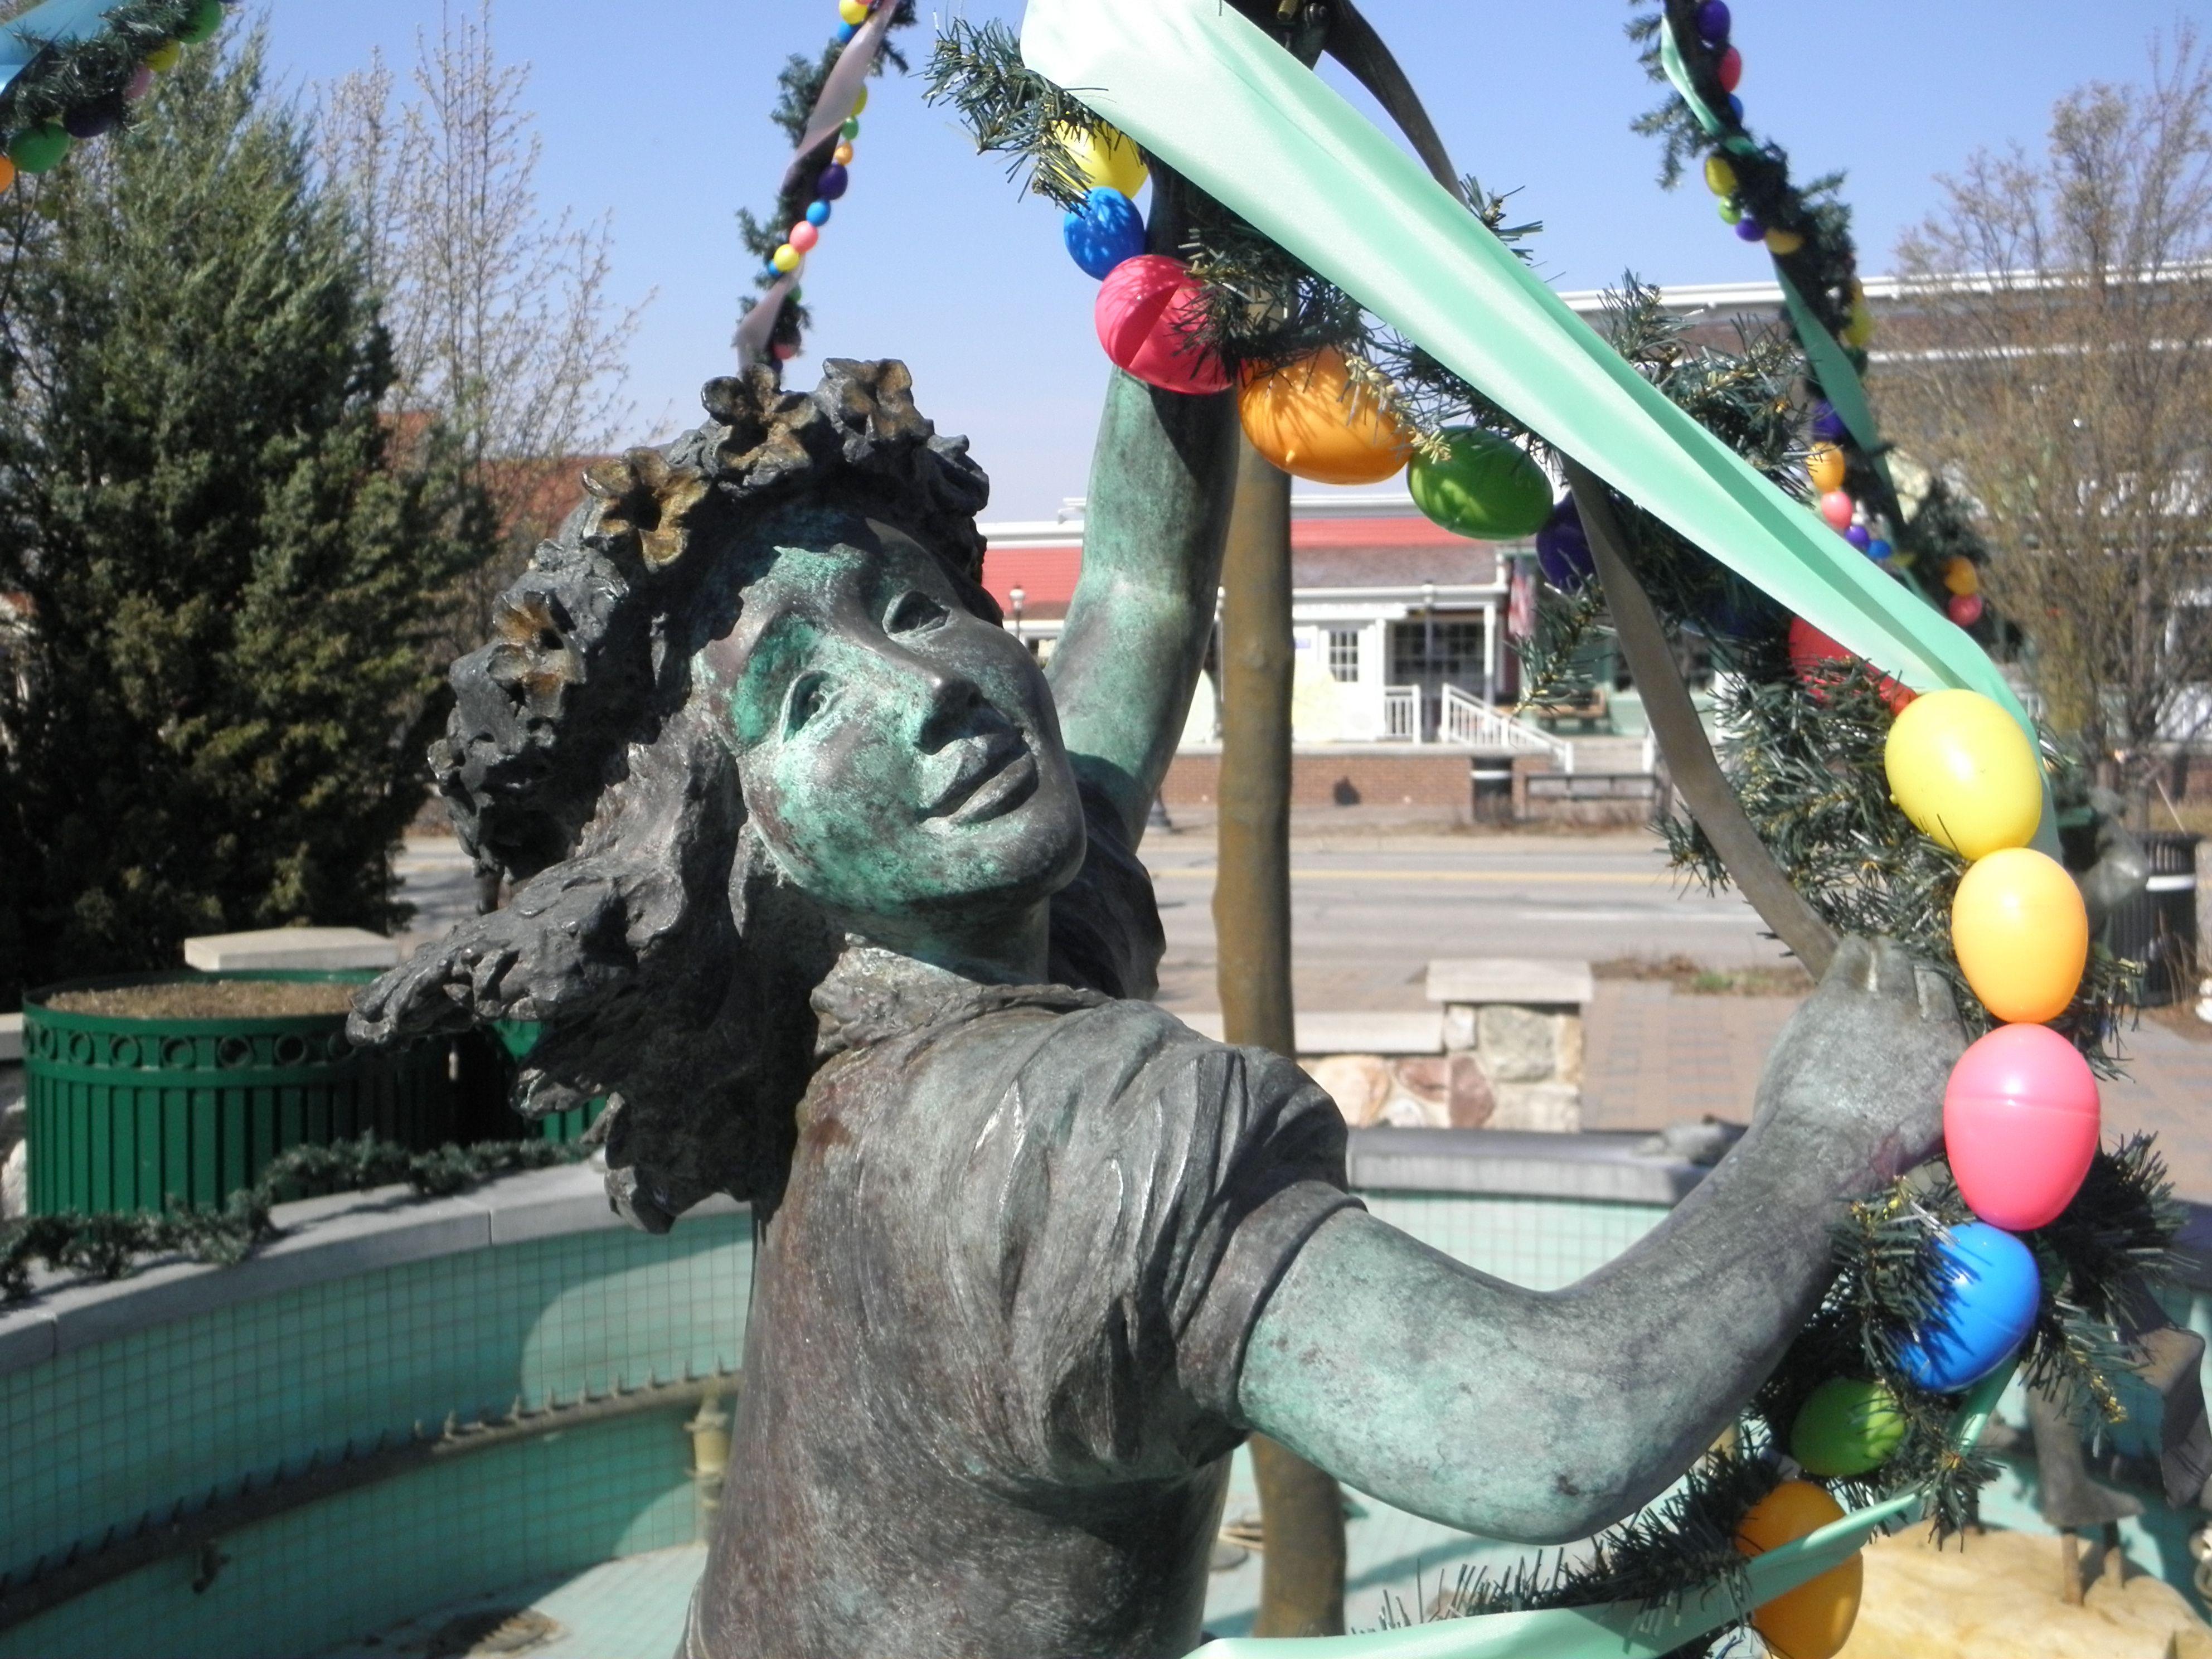 Maypole Dance Frankenmuth Mi Beltane Christmas Wonderland Dancer Statue